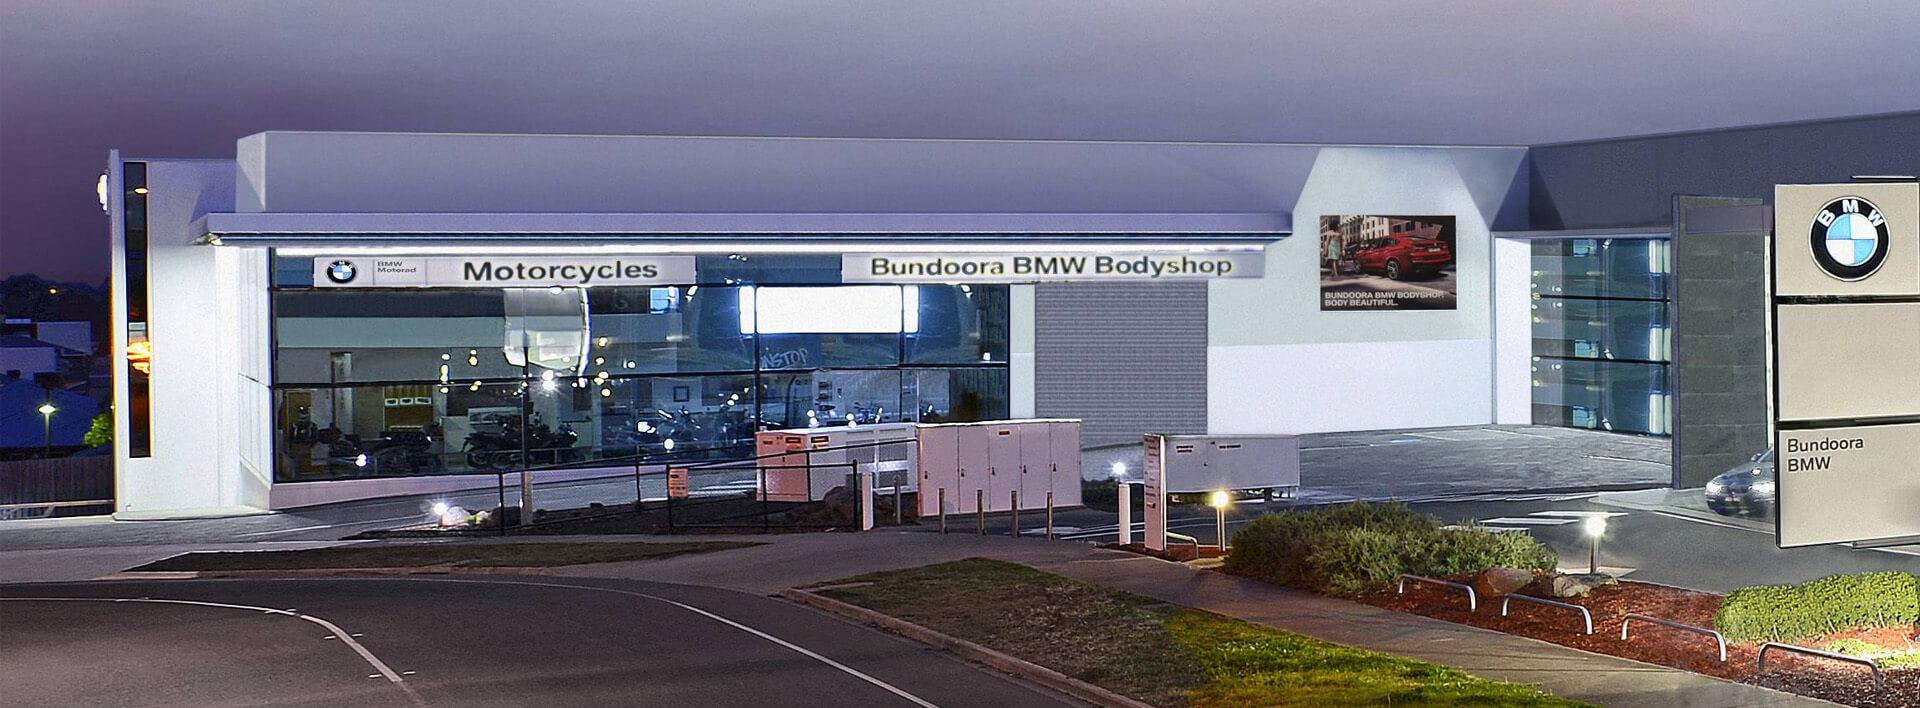 Bundoora BMW Motorcycles